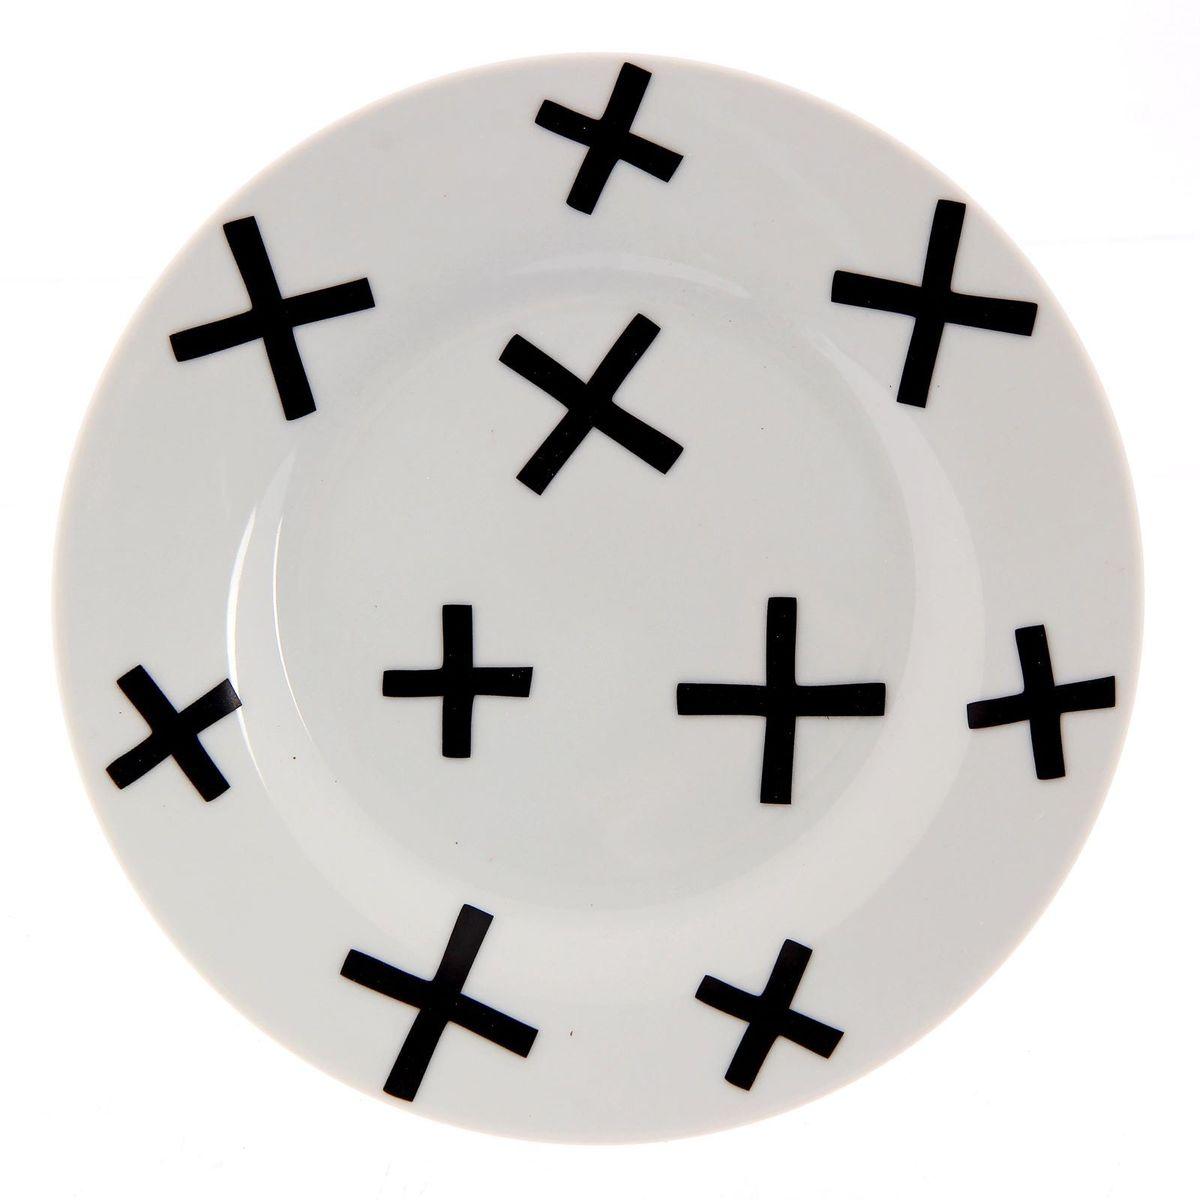 Тарелка мелкая Сотвори чудо My Little Cross, диаметр 15,5 см2277850Хотите обновить интерьер кухни или гостиной? Устраиваете необычную фотосессию или тематический праздник? А может, просто ищете подарок для близкого человека? Посуда Сотвори Чудо — правильный выбор в любой ситуации. Тарелка Сотвори Чудо, изготовленная из изящного фаянса нежного сливочного цвета, оформлена оригинальным рисунком со стойкой краской. Пригодна для посудомоечной машины.